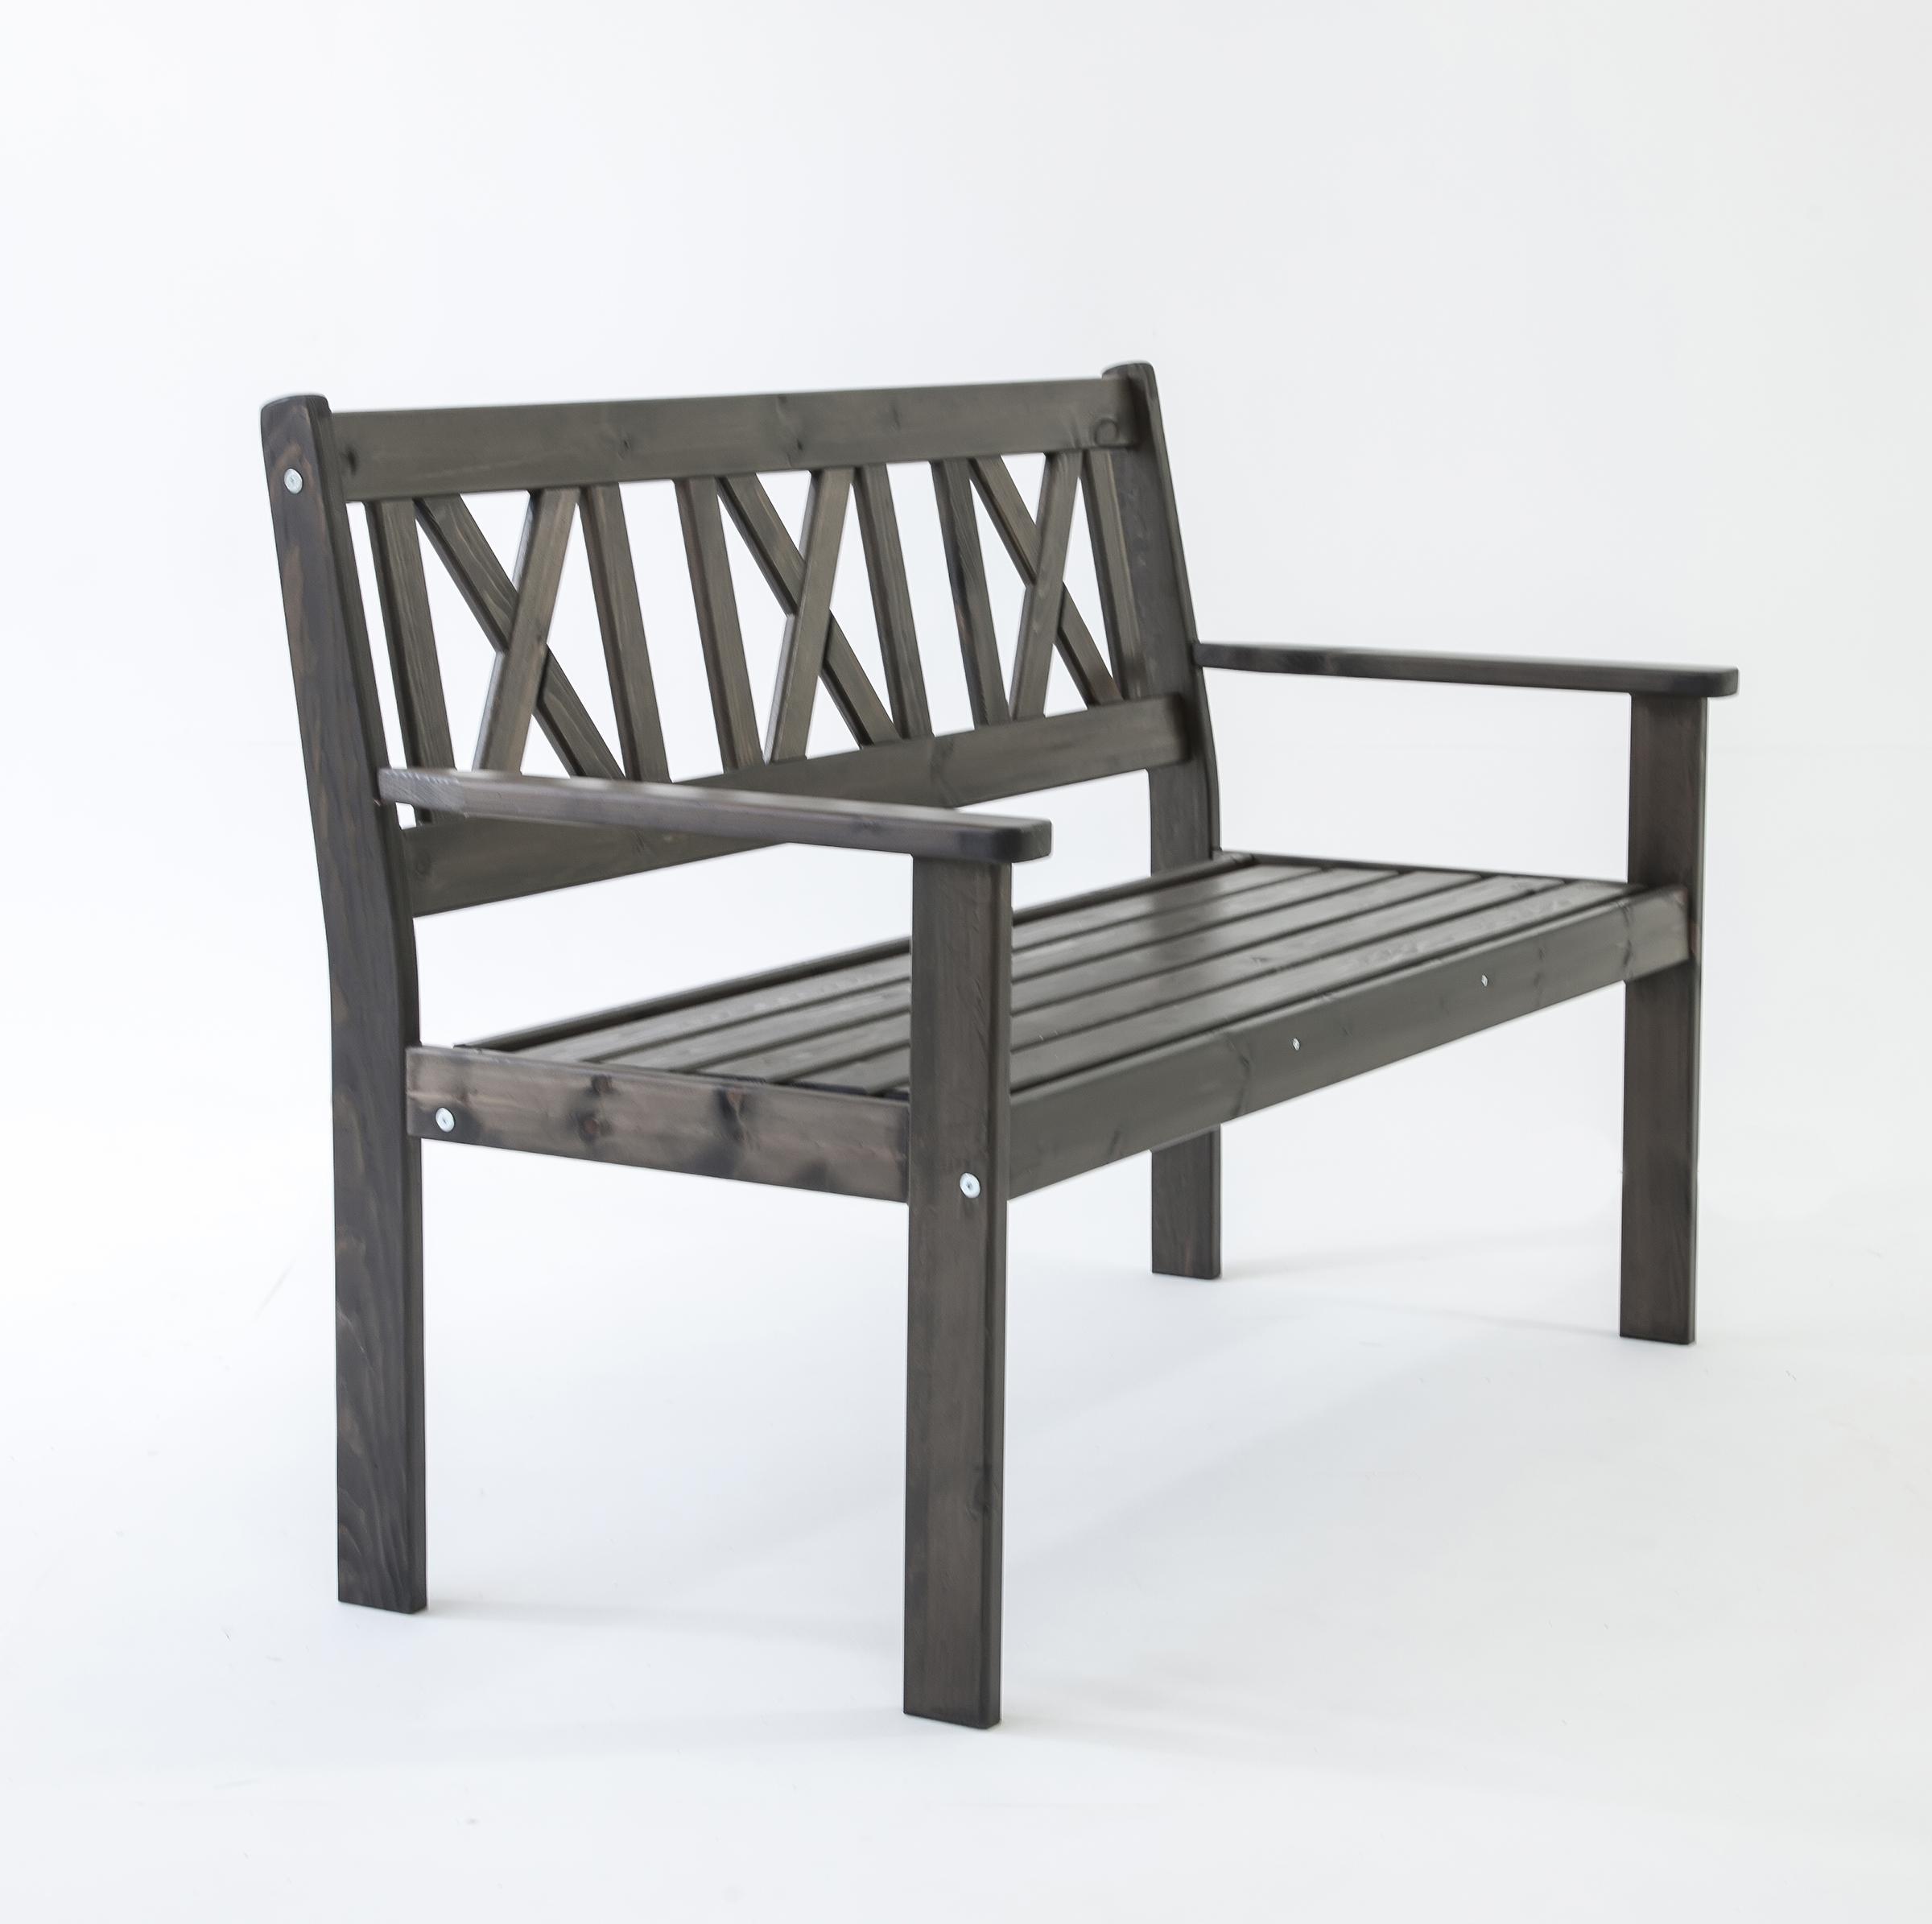 ambientehome gartenbank 2 sitzer bank massivholz holzbank evje taupegrau. Black Bedroom Furniture Sets. Home Design Ideas